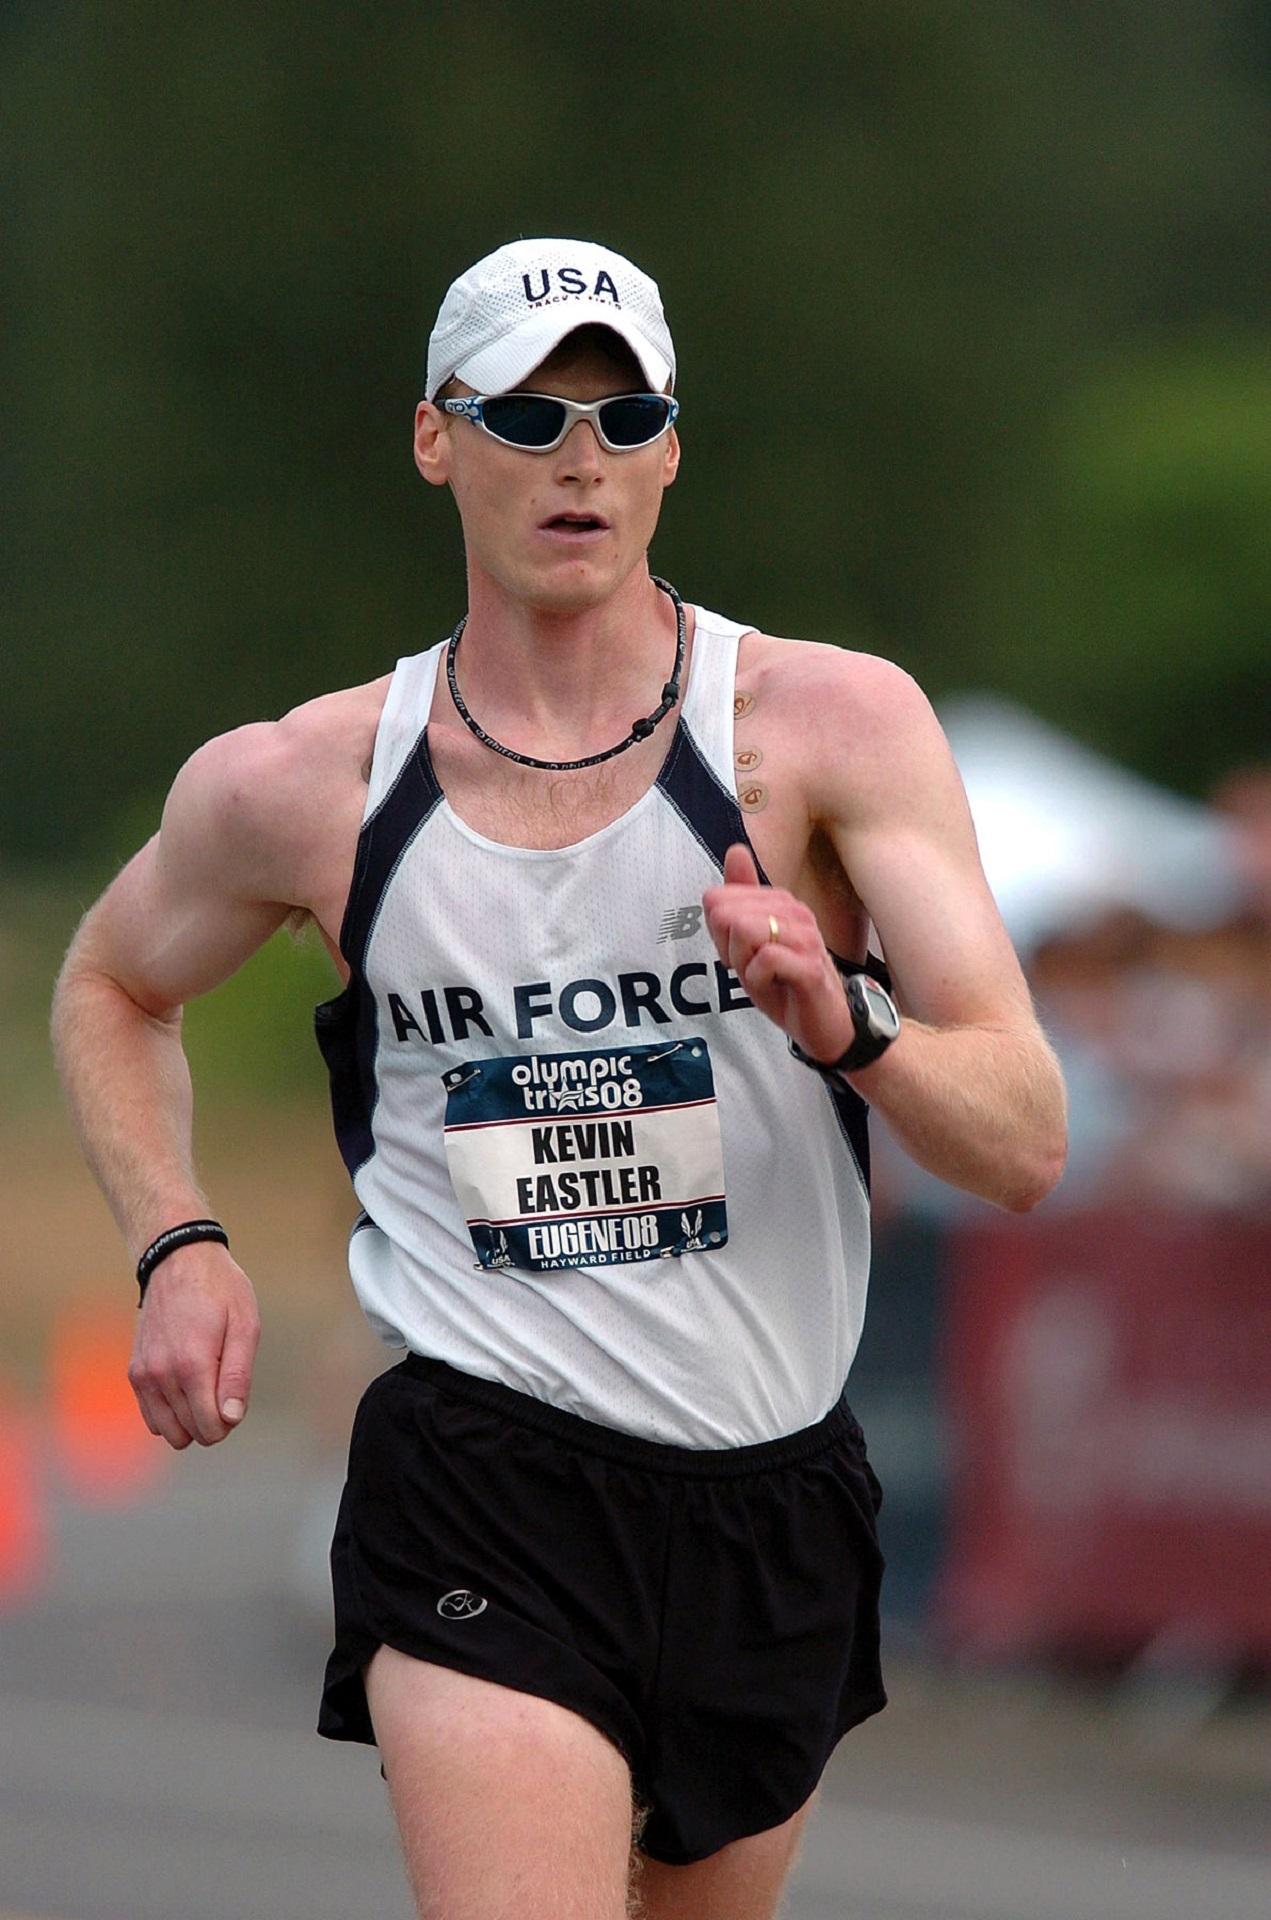 Marathon Runner, Running, Sport, Runner, Race, HQ Photo